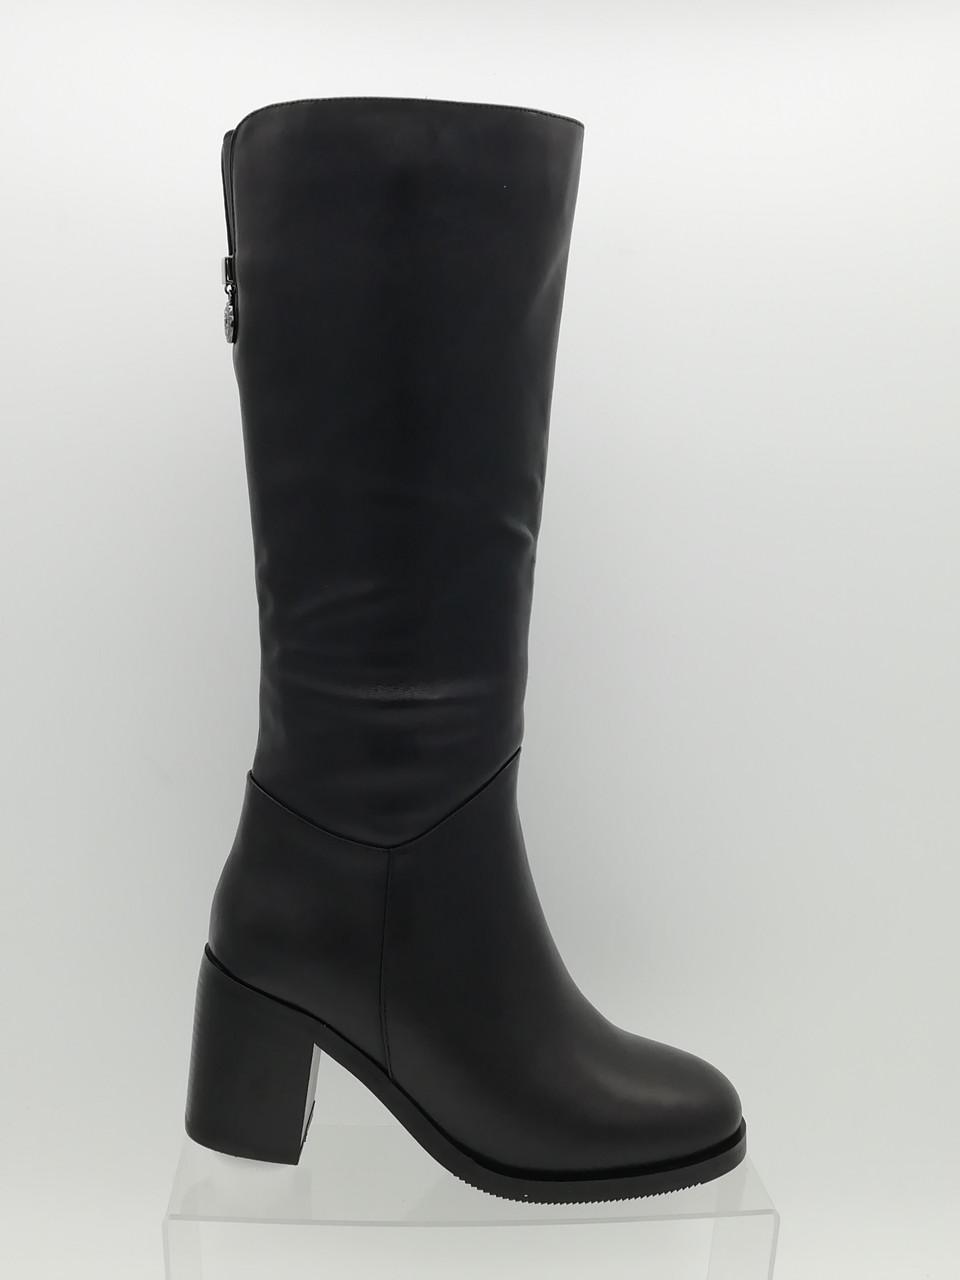 Черные высокие кожаные зимние сапоги . Маленькие размеры (33 - 35).